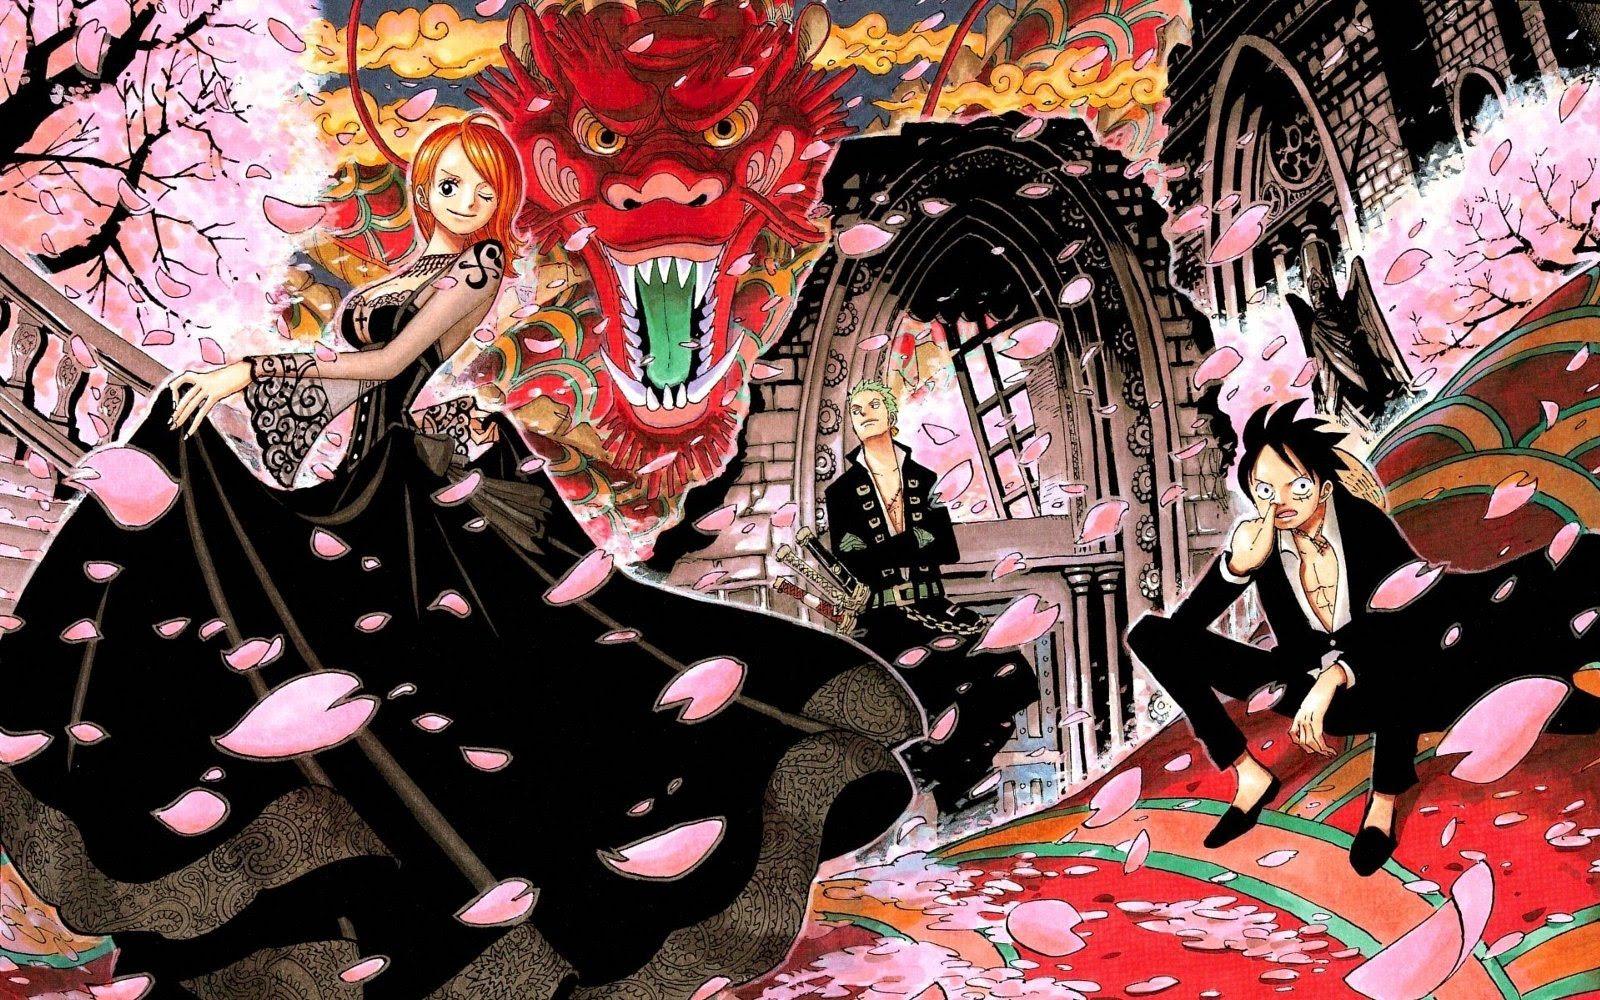 ワンピース One Piece 壁紙まとめ 尾田栄一郎 ルフィ ゾロ ナミ